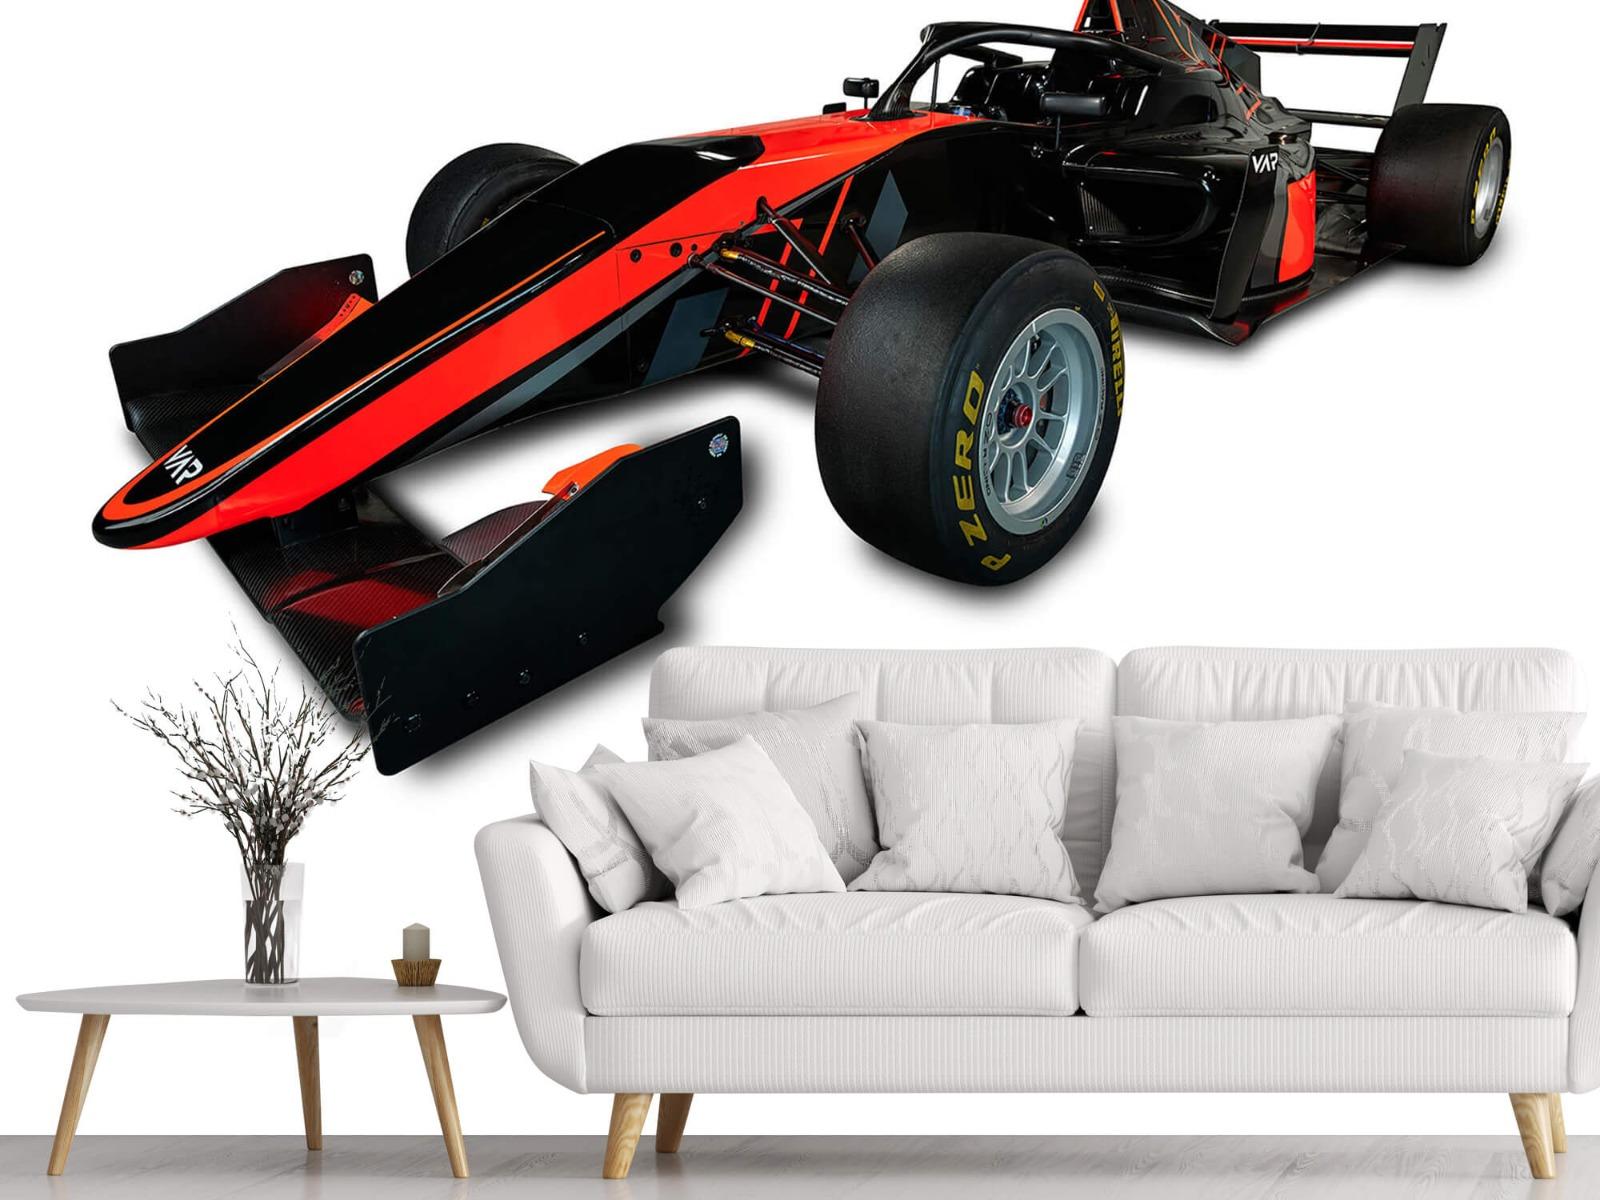 Sportauto's - Formule 3 - Left front view - Tienerkamer 4